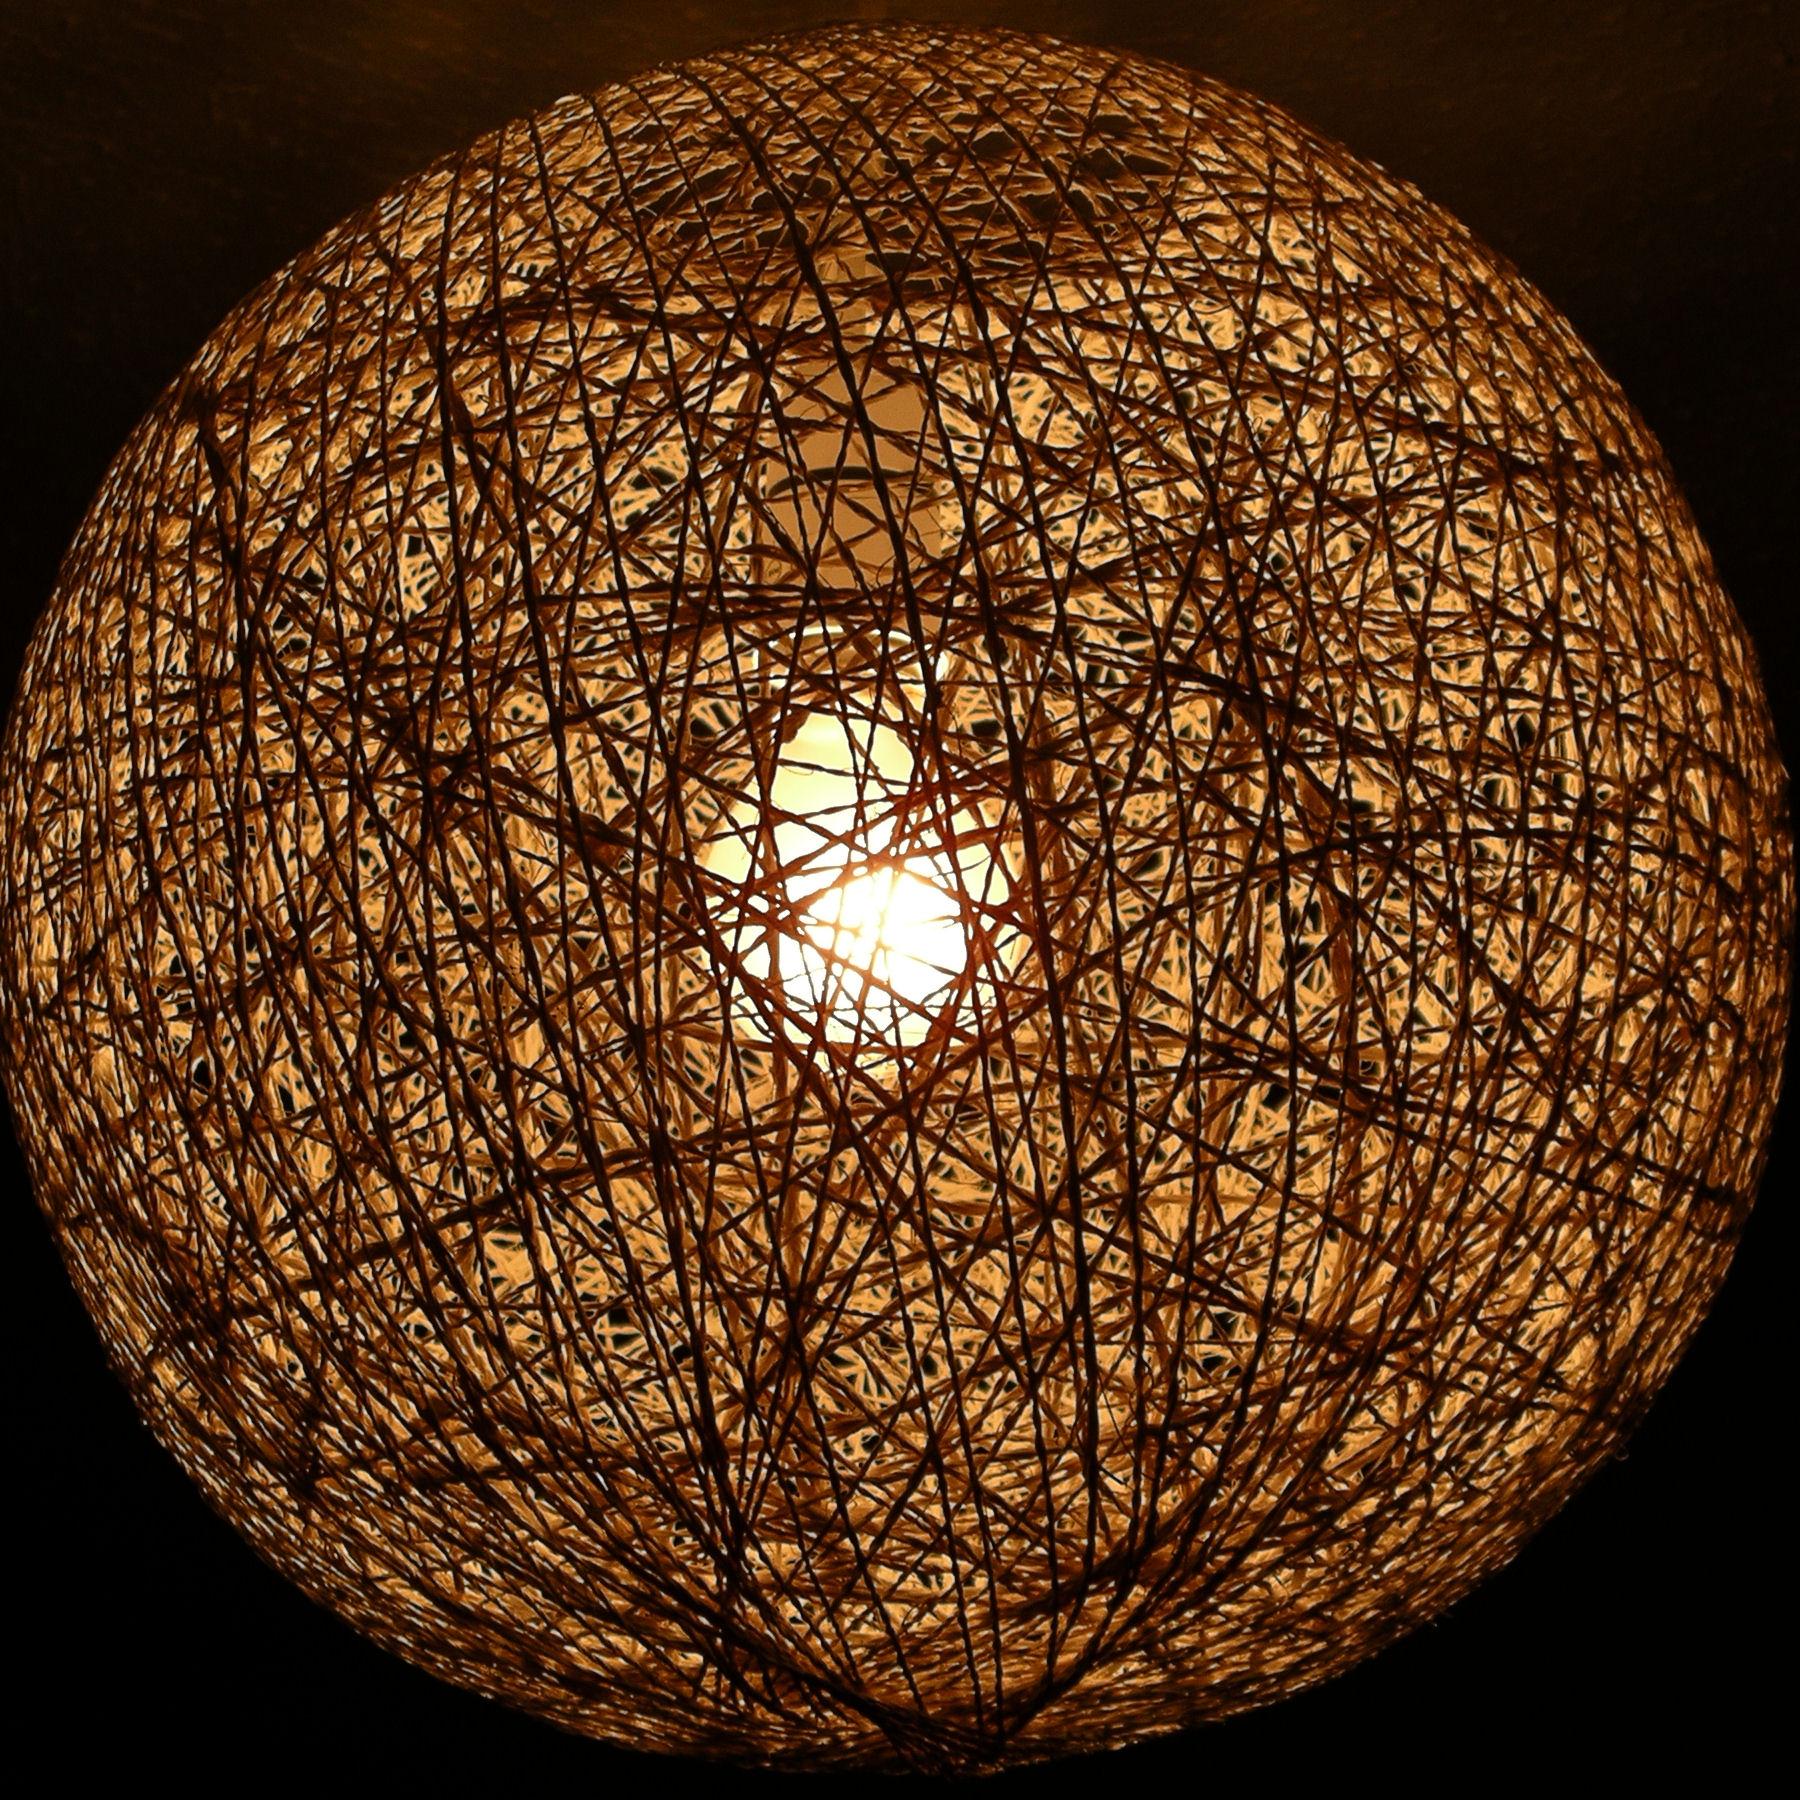 File:Metal Net Lampshade